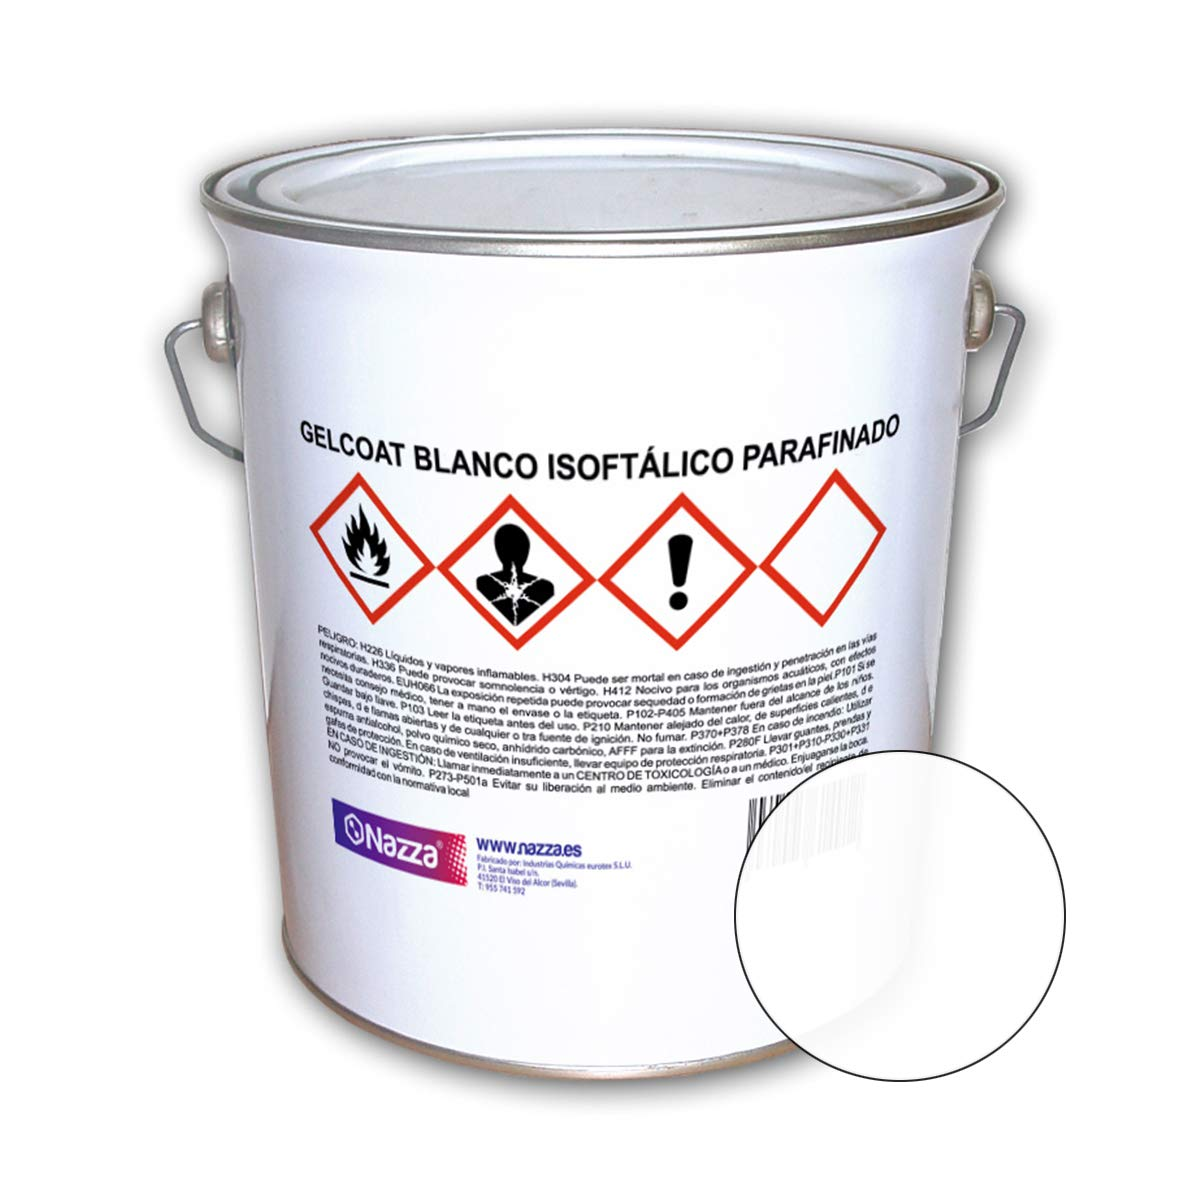 Top Coat - Gelcoat Isoftálico Parafinado Nazza | Color Blanco | Gran resistencia a la intemperie | resistencia a UV e hidrólisis | 1 Kg.: Amazon.es: ...